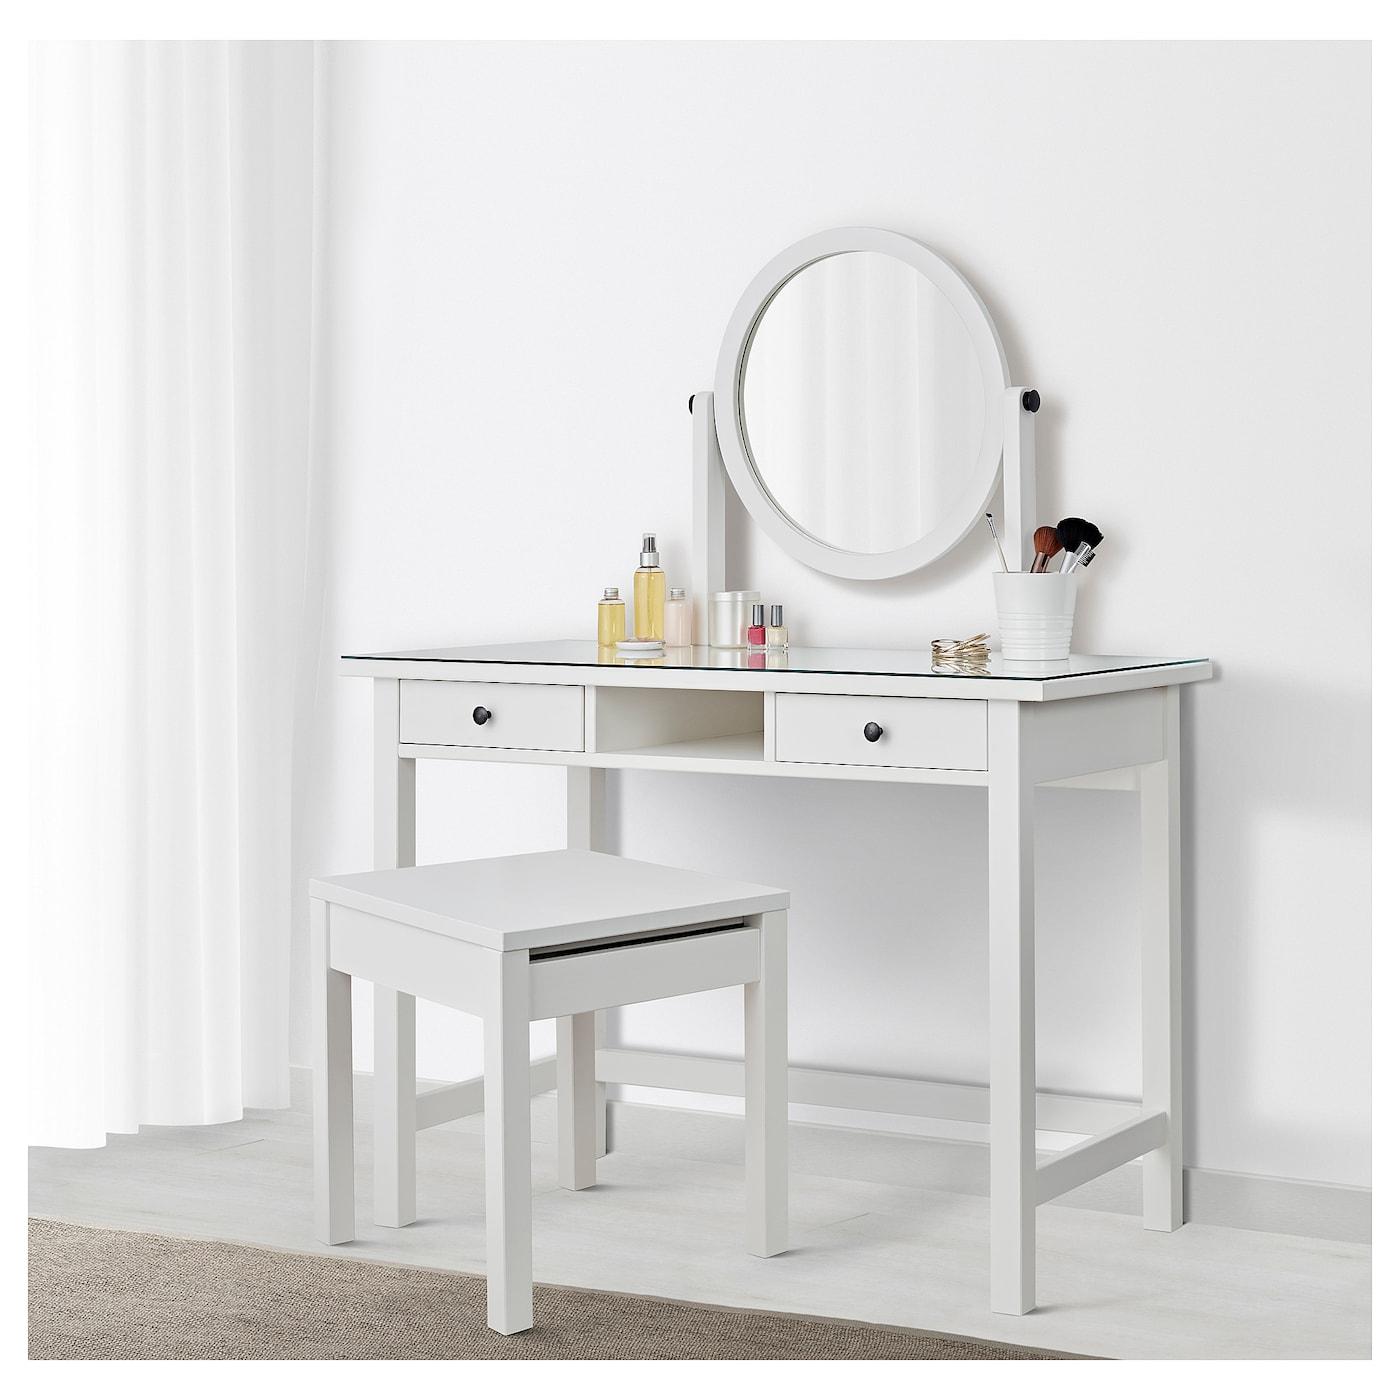 Toilettafel Met Spiegel.Hemnes Toilettafel Met Spiegel Wit Gebeitst 110 X 45 Cm Ikea